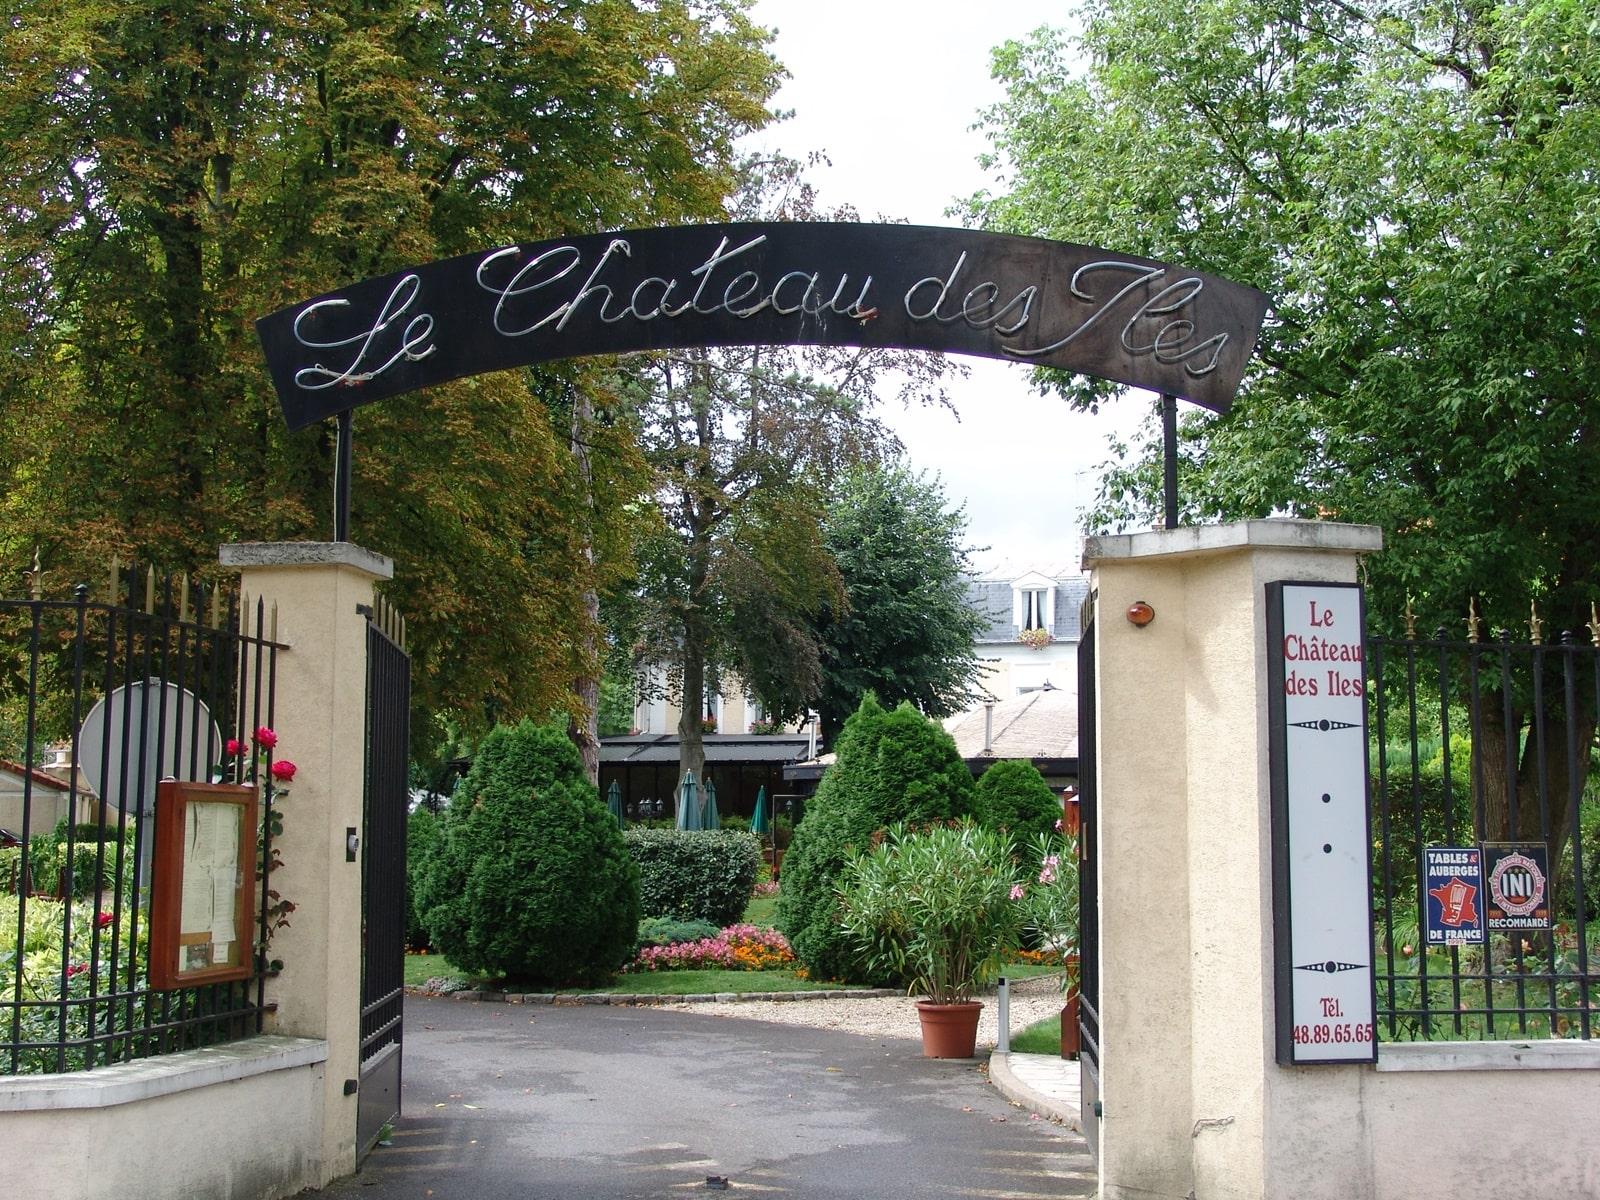 Chateau-des-iles5-04-min